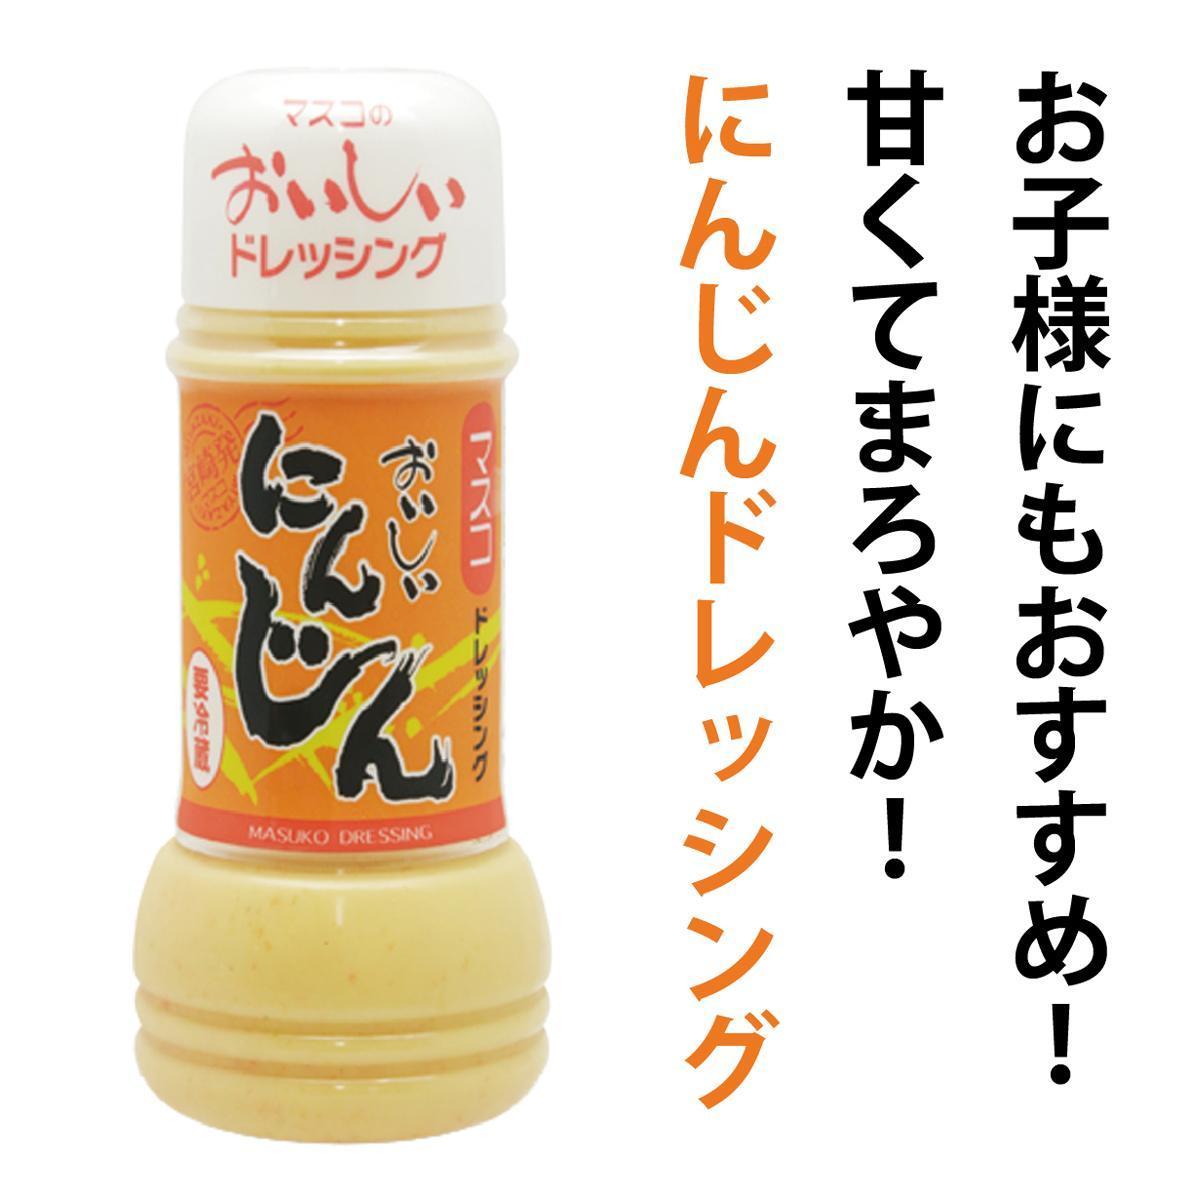 にんじんドレッシング